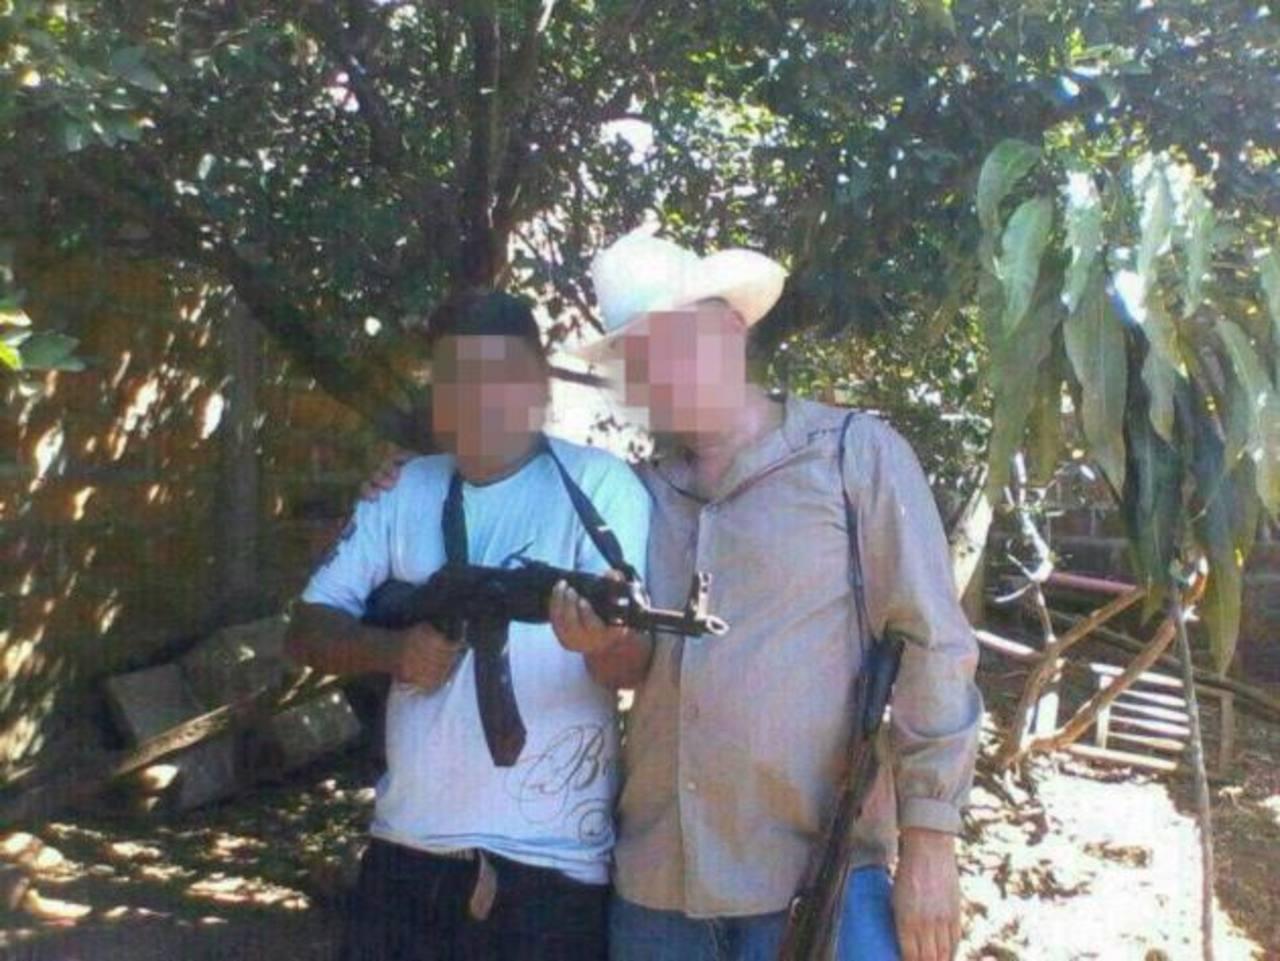 Un sujeto apodado El Chipilín, supuesto pandillero de la 18, muestra un fusil tipo AK-47. Foto EDH / Archivo.